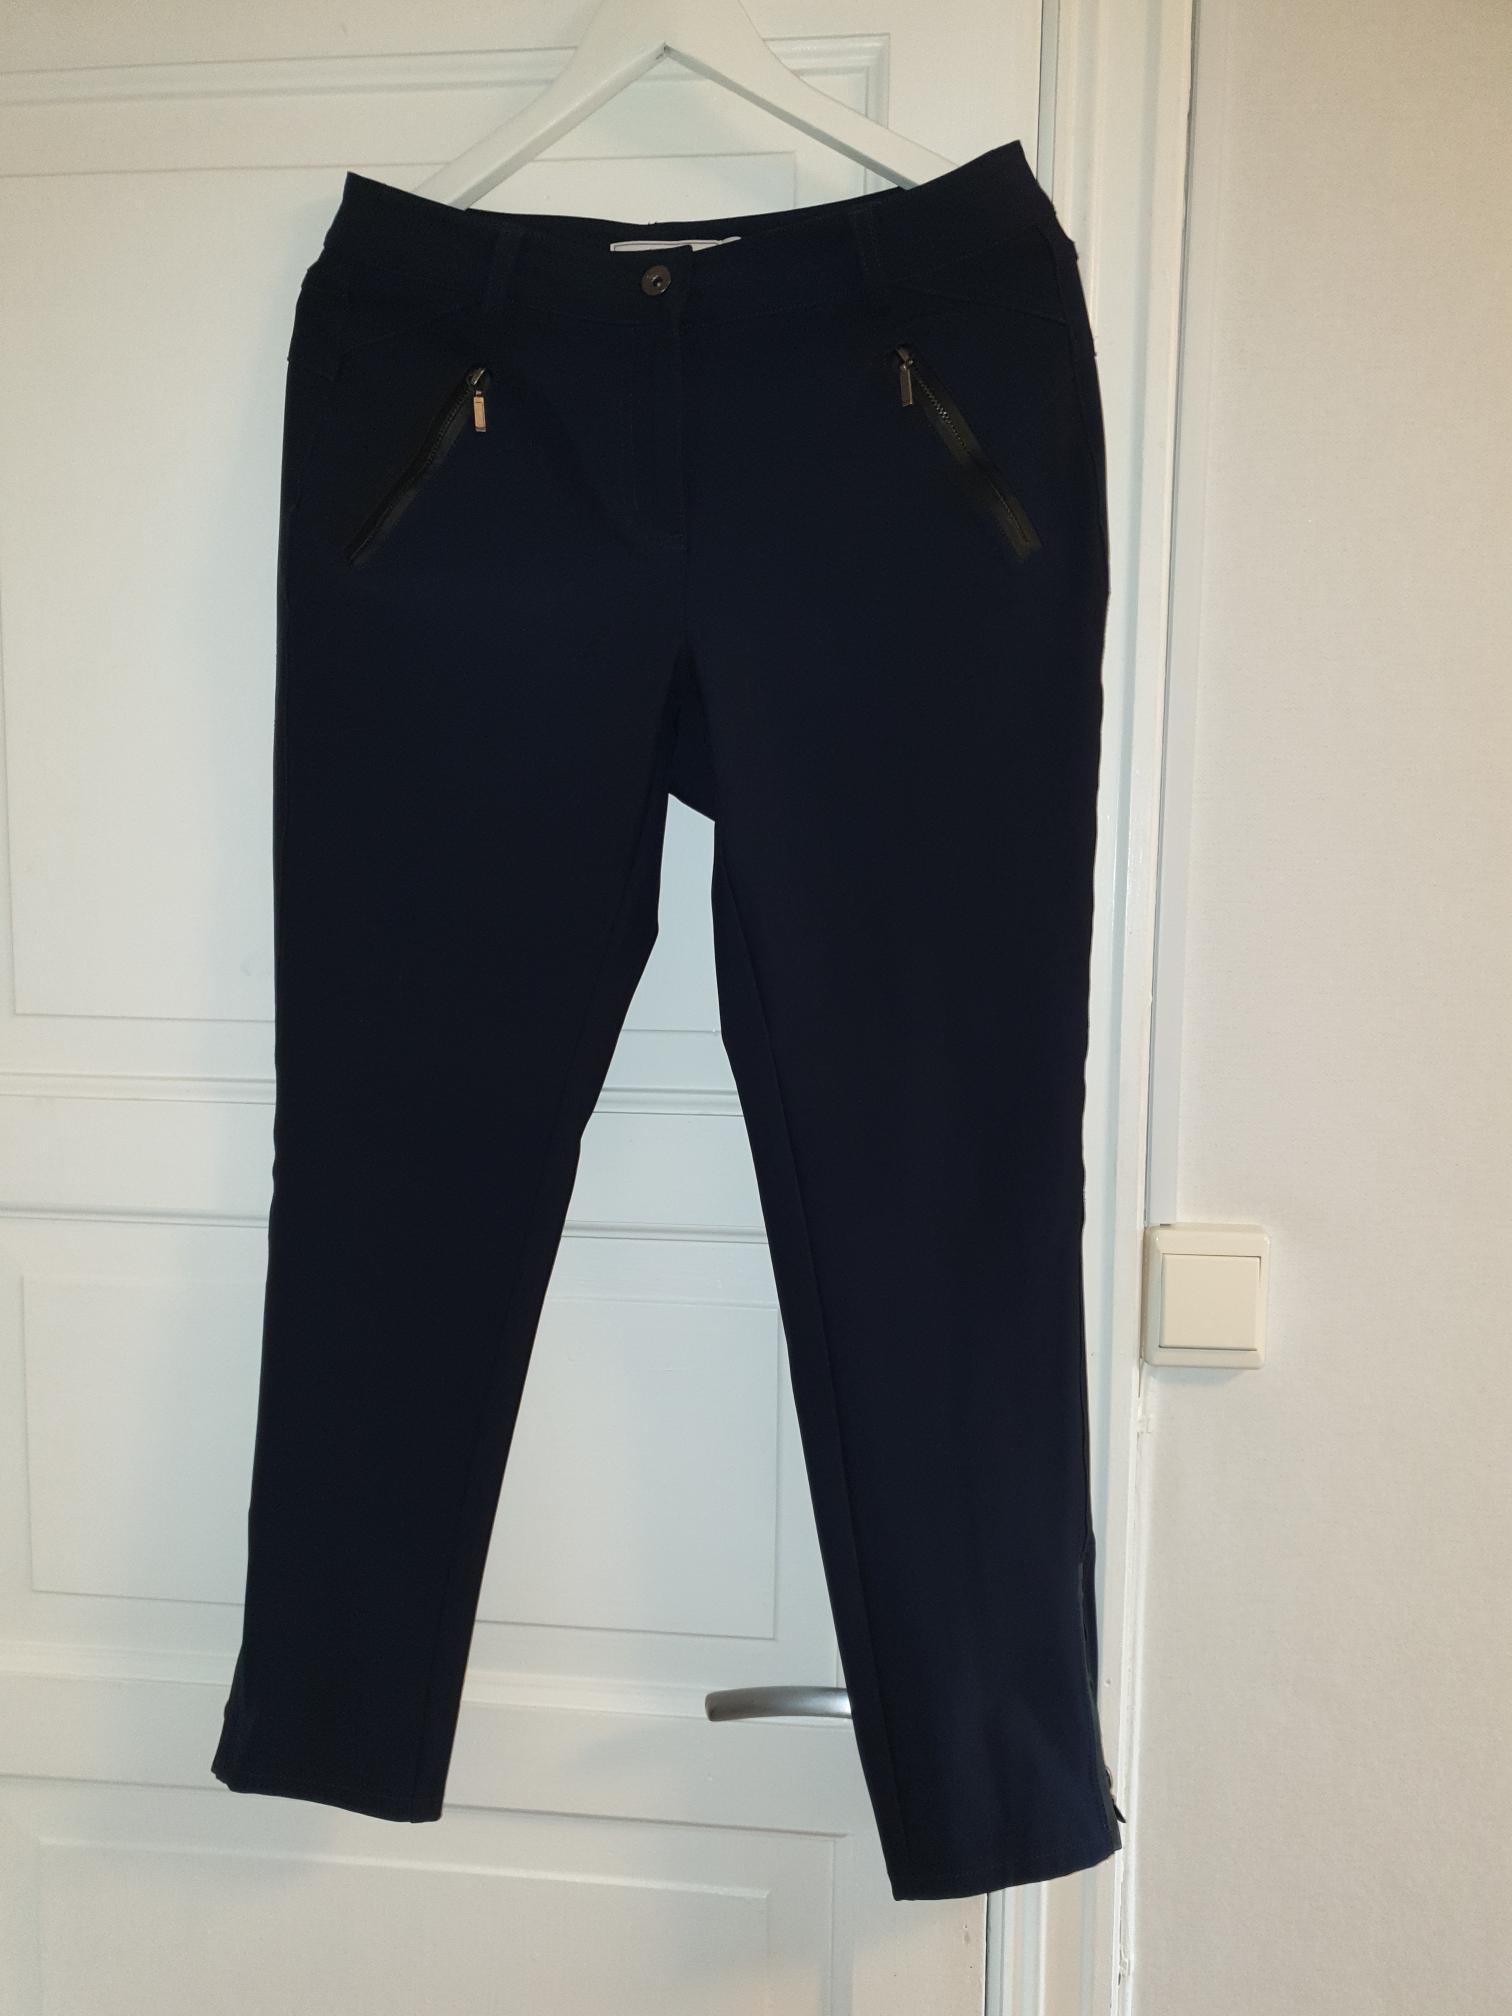 En mørkblå og en sort bukse fra Fransa (Billie, Zio 1, Floyd